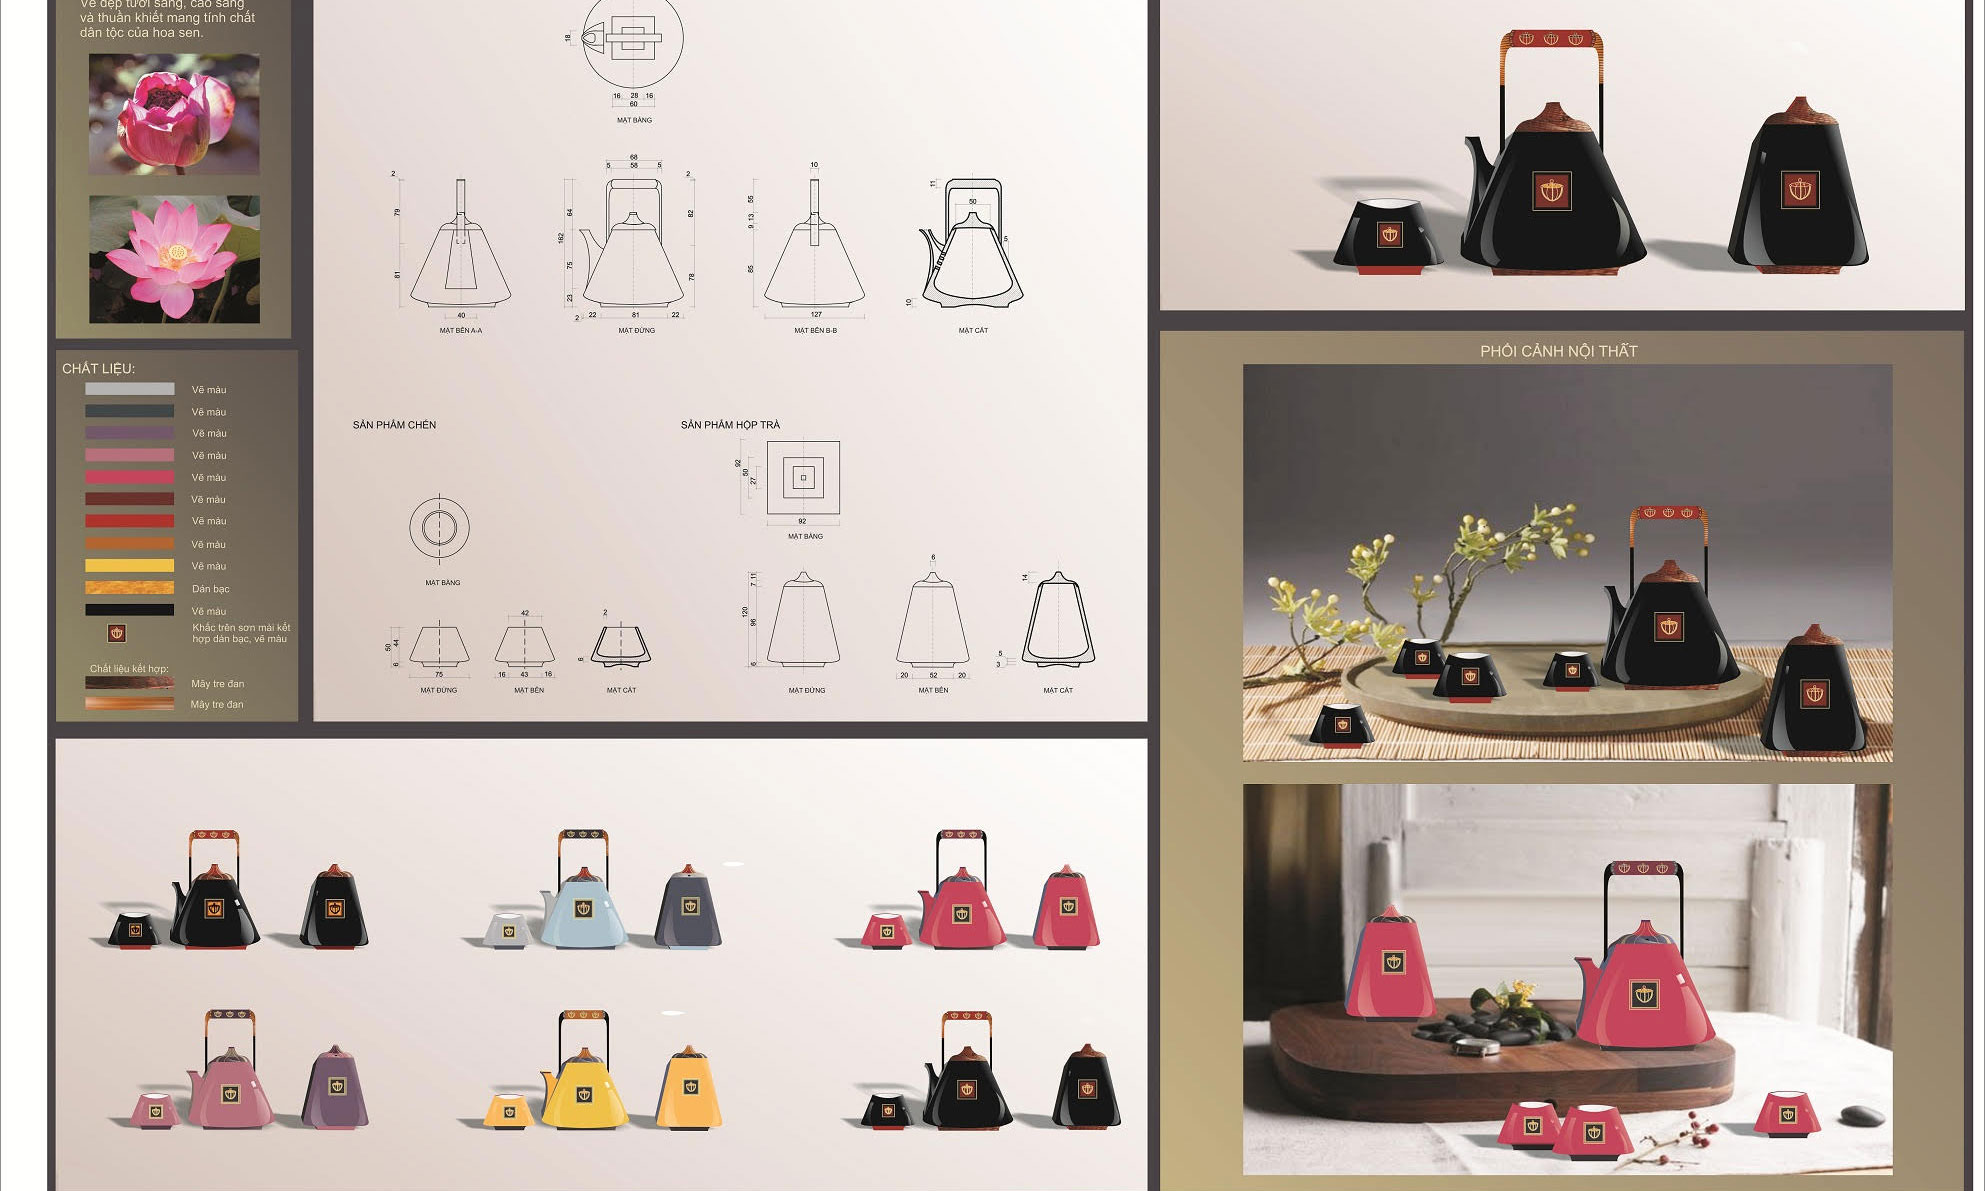 Thiết kế từ cảm hứng hoa sen giành giải cao nhất của Hanoia